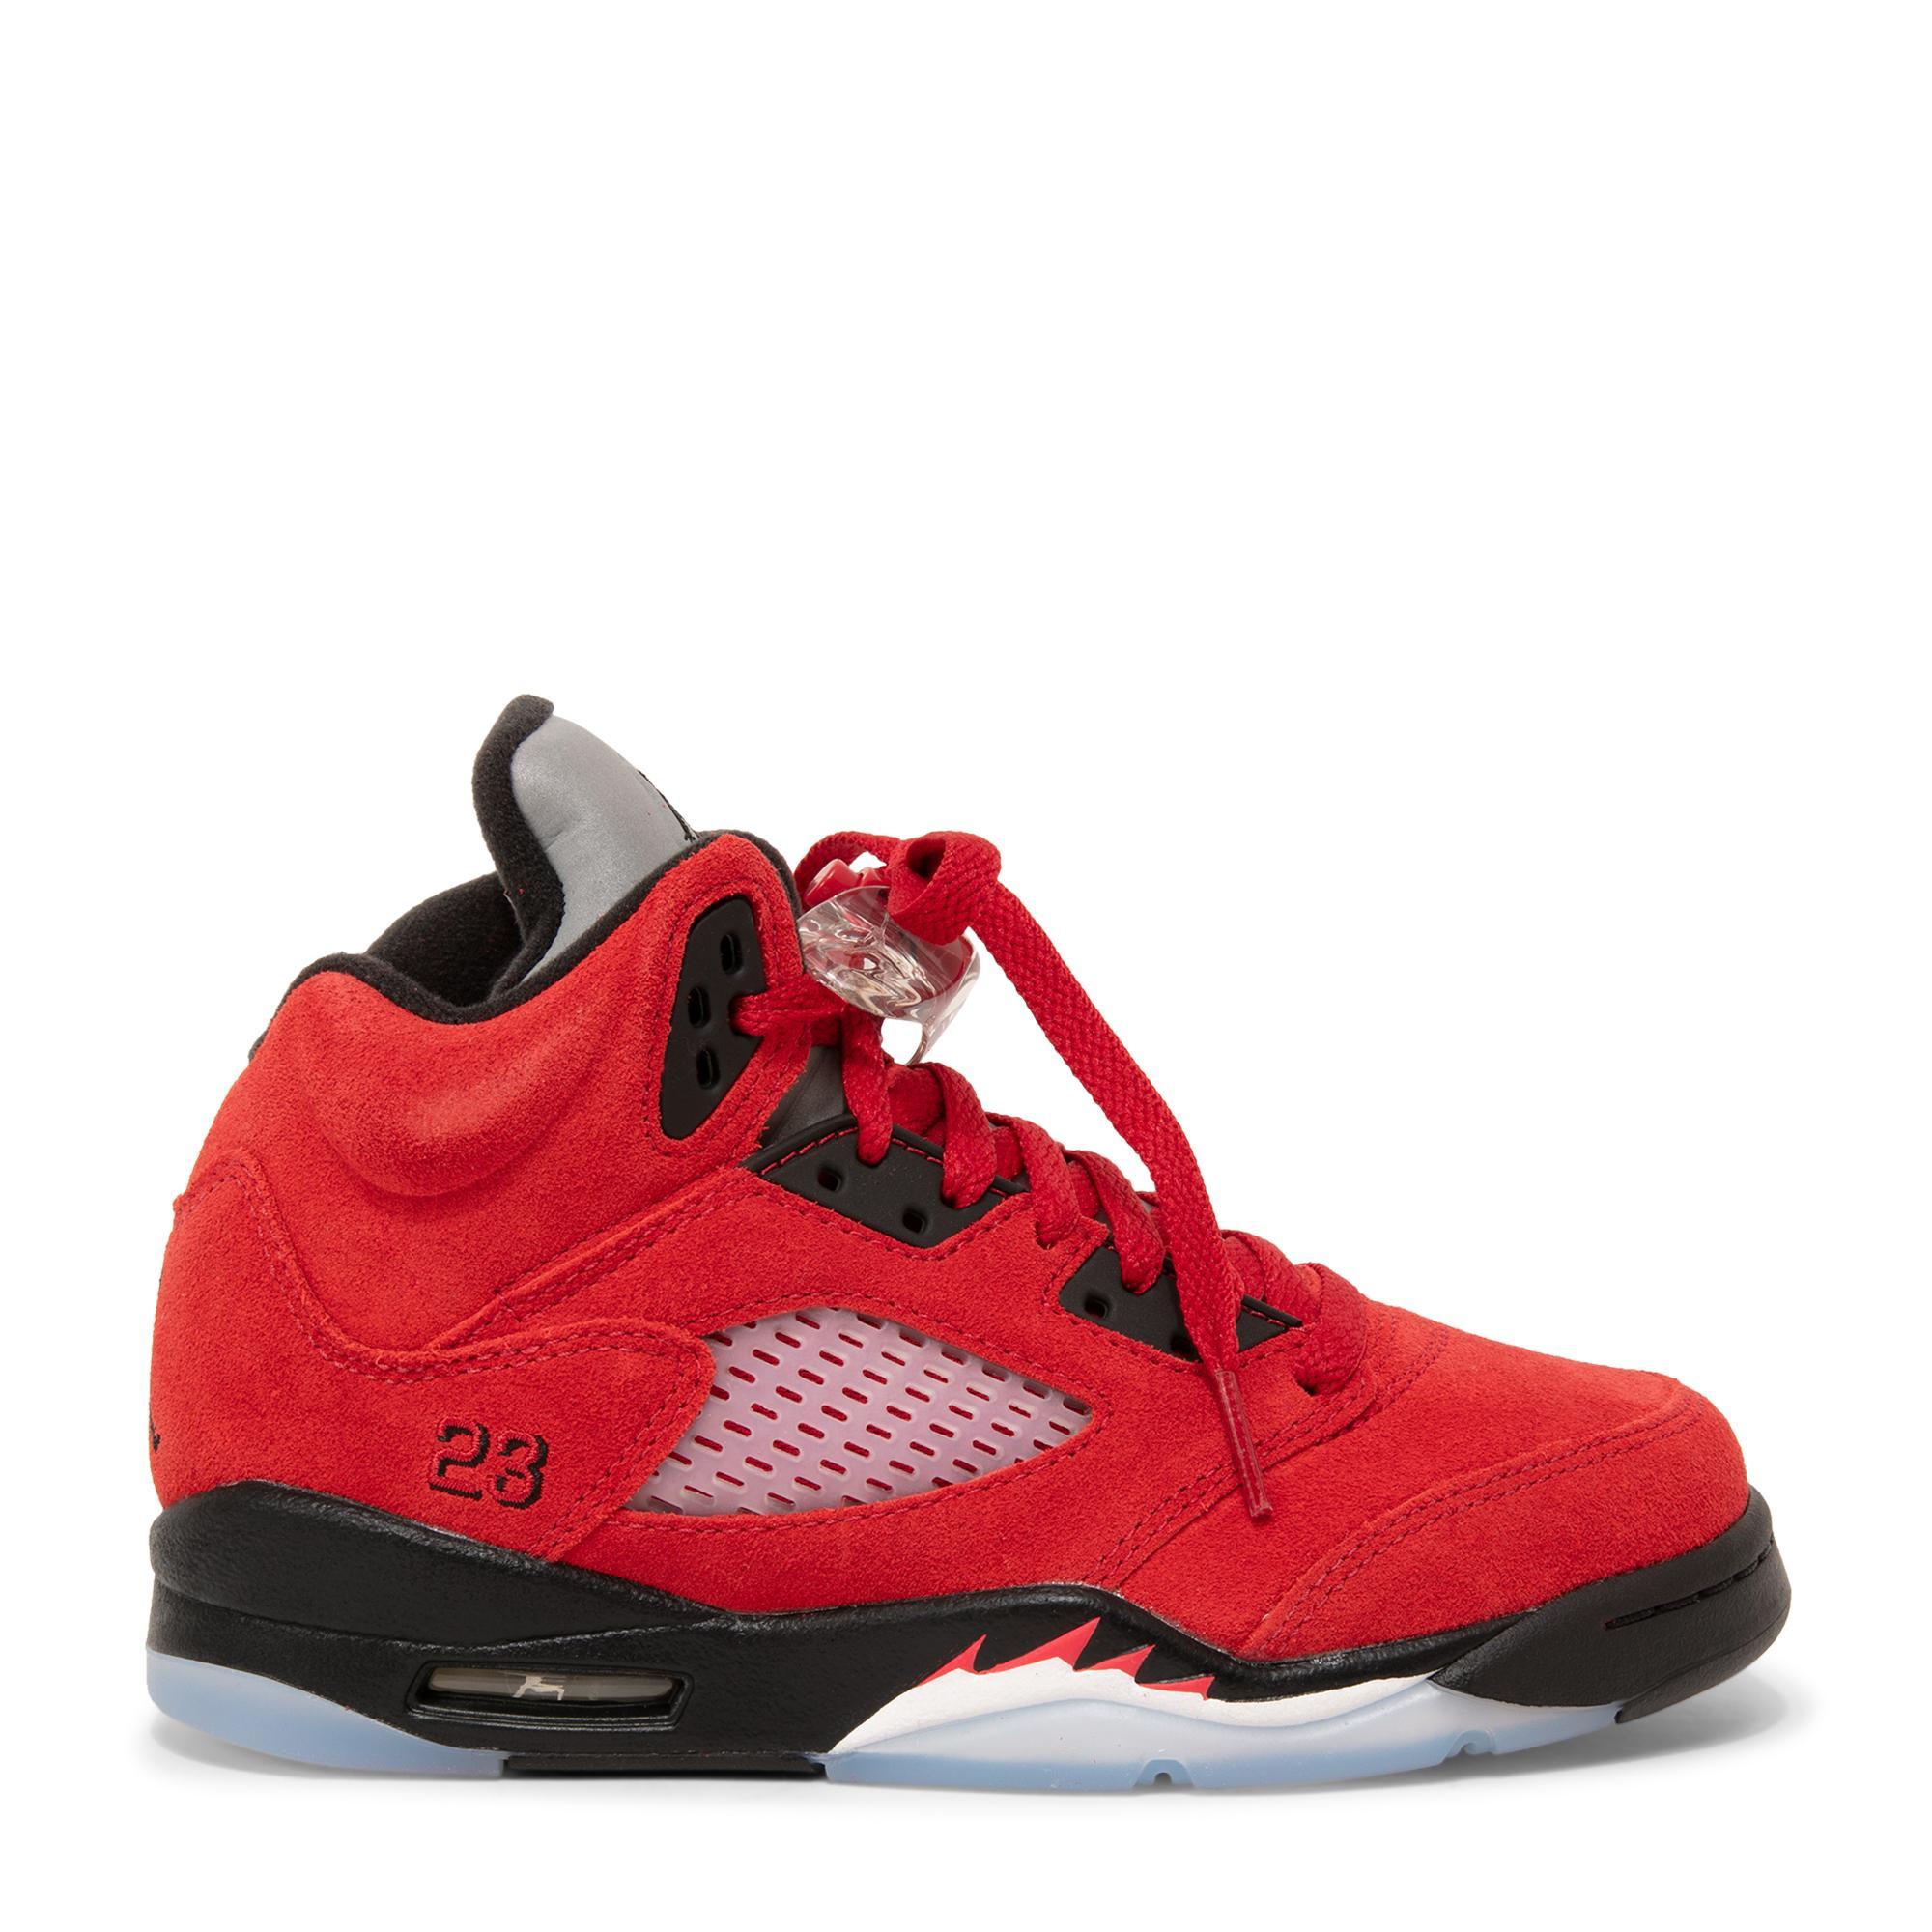 """Air Jordan 5 """"Toro Bravo"""" sneakers"""